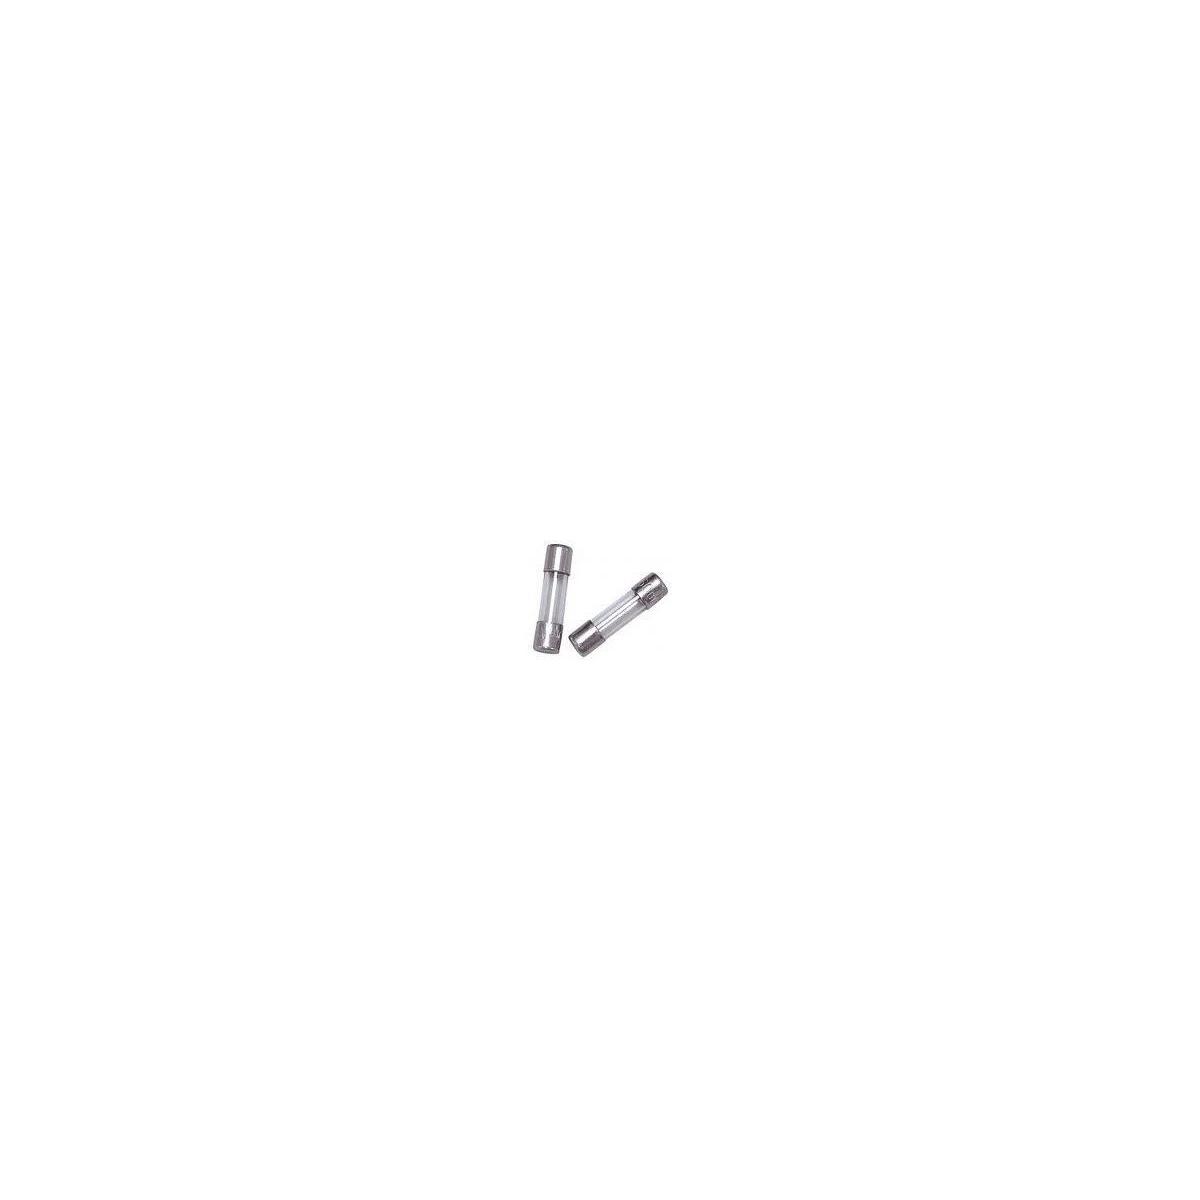 FUSIVEL - F RAPIDO 5X20MM (PACOTE COM 10 UNIDADES )-30A